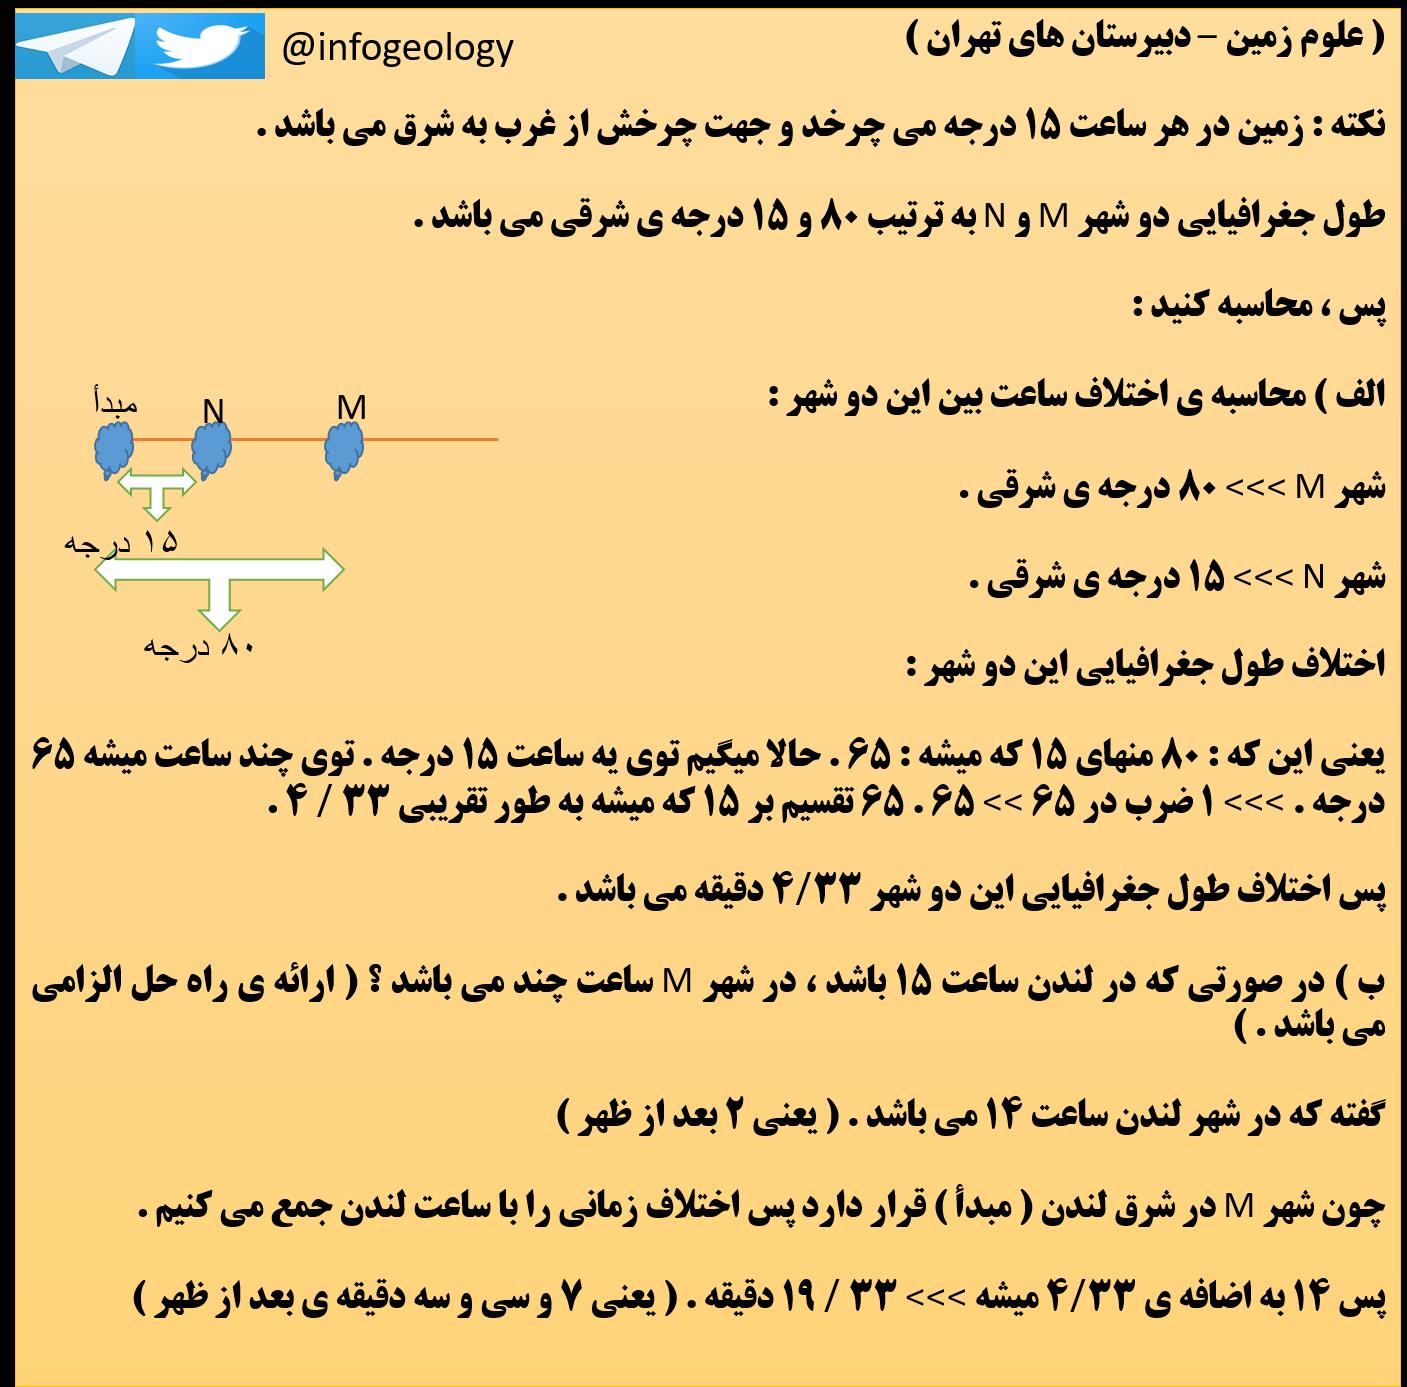 7 - علوم زمین - دبیرستان های تهران .